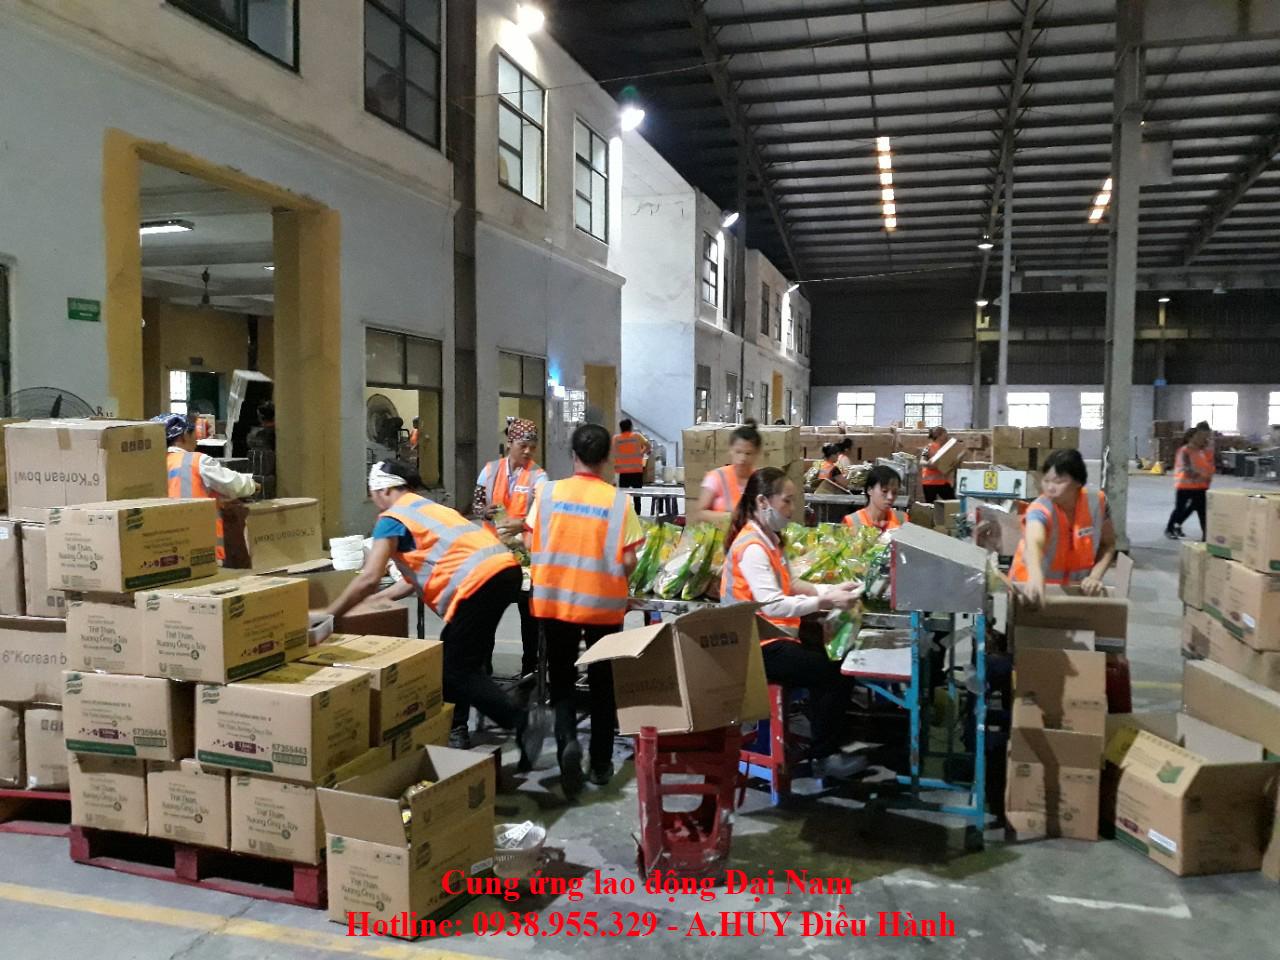 Dịch vụ cung ứng lao động, cho thuê lao động giá rẻ